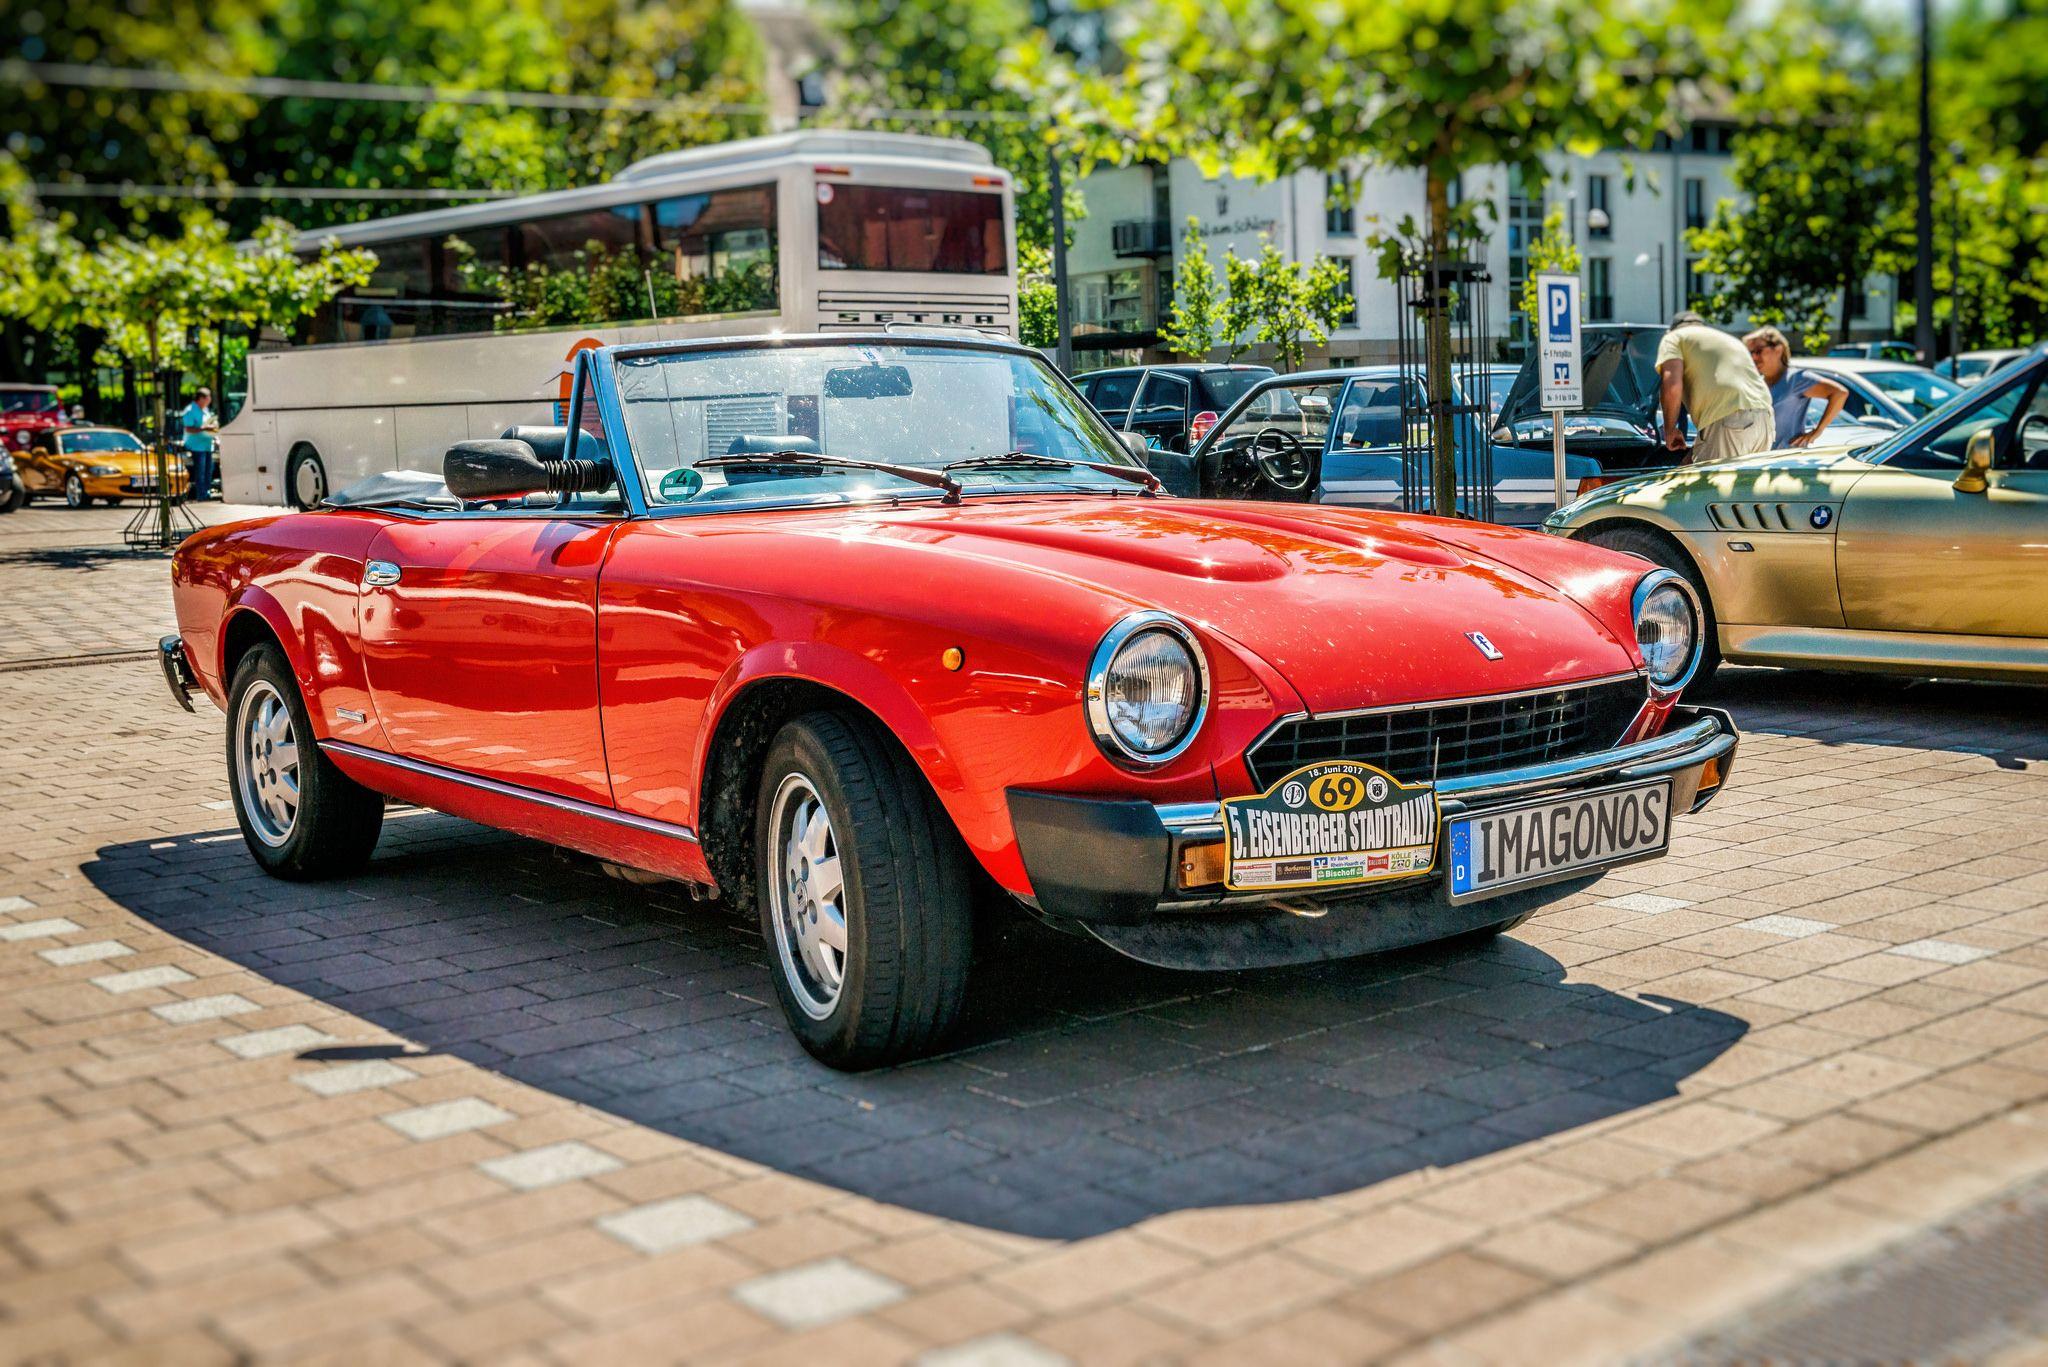 https://flic.kr/p/WKpSwX | Pininfarina Spidereuropa 1982–1985 | EISENBERGER STADTRALLY 2017  Als Fiat den Spider im Herbst 1982 aus dem Angebot nahm, wurde der Fiat 124 Spider noch bis Sommer 1985 als 124 DS in den Werkhallen von Pininfarina unter der Modellbezeichnung Pininfarina Spidereuropa hergestellt und über das Händlernetz der Fiat AG an interessierte Verbraucher vertrieben. Dieses Modell hatte einen 2,0-Liter-Einspritz-Motor mit 77 kW (105 PS), der kurz vor Produktionsende im Juli…